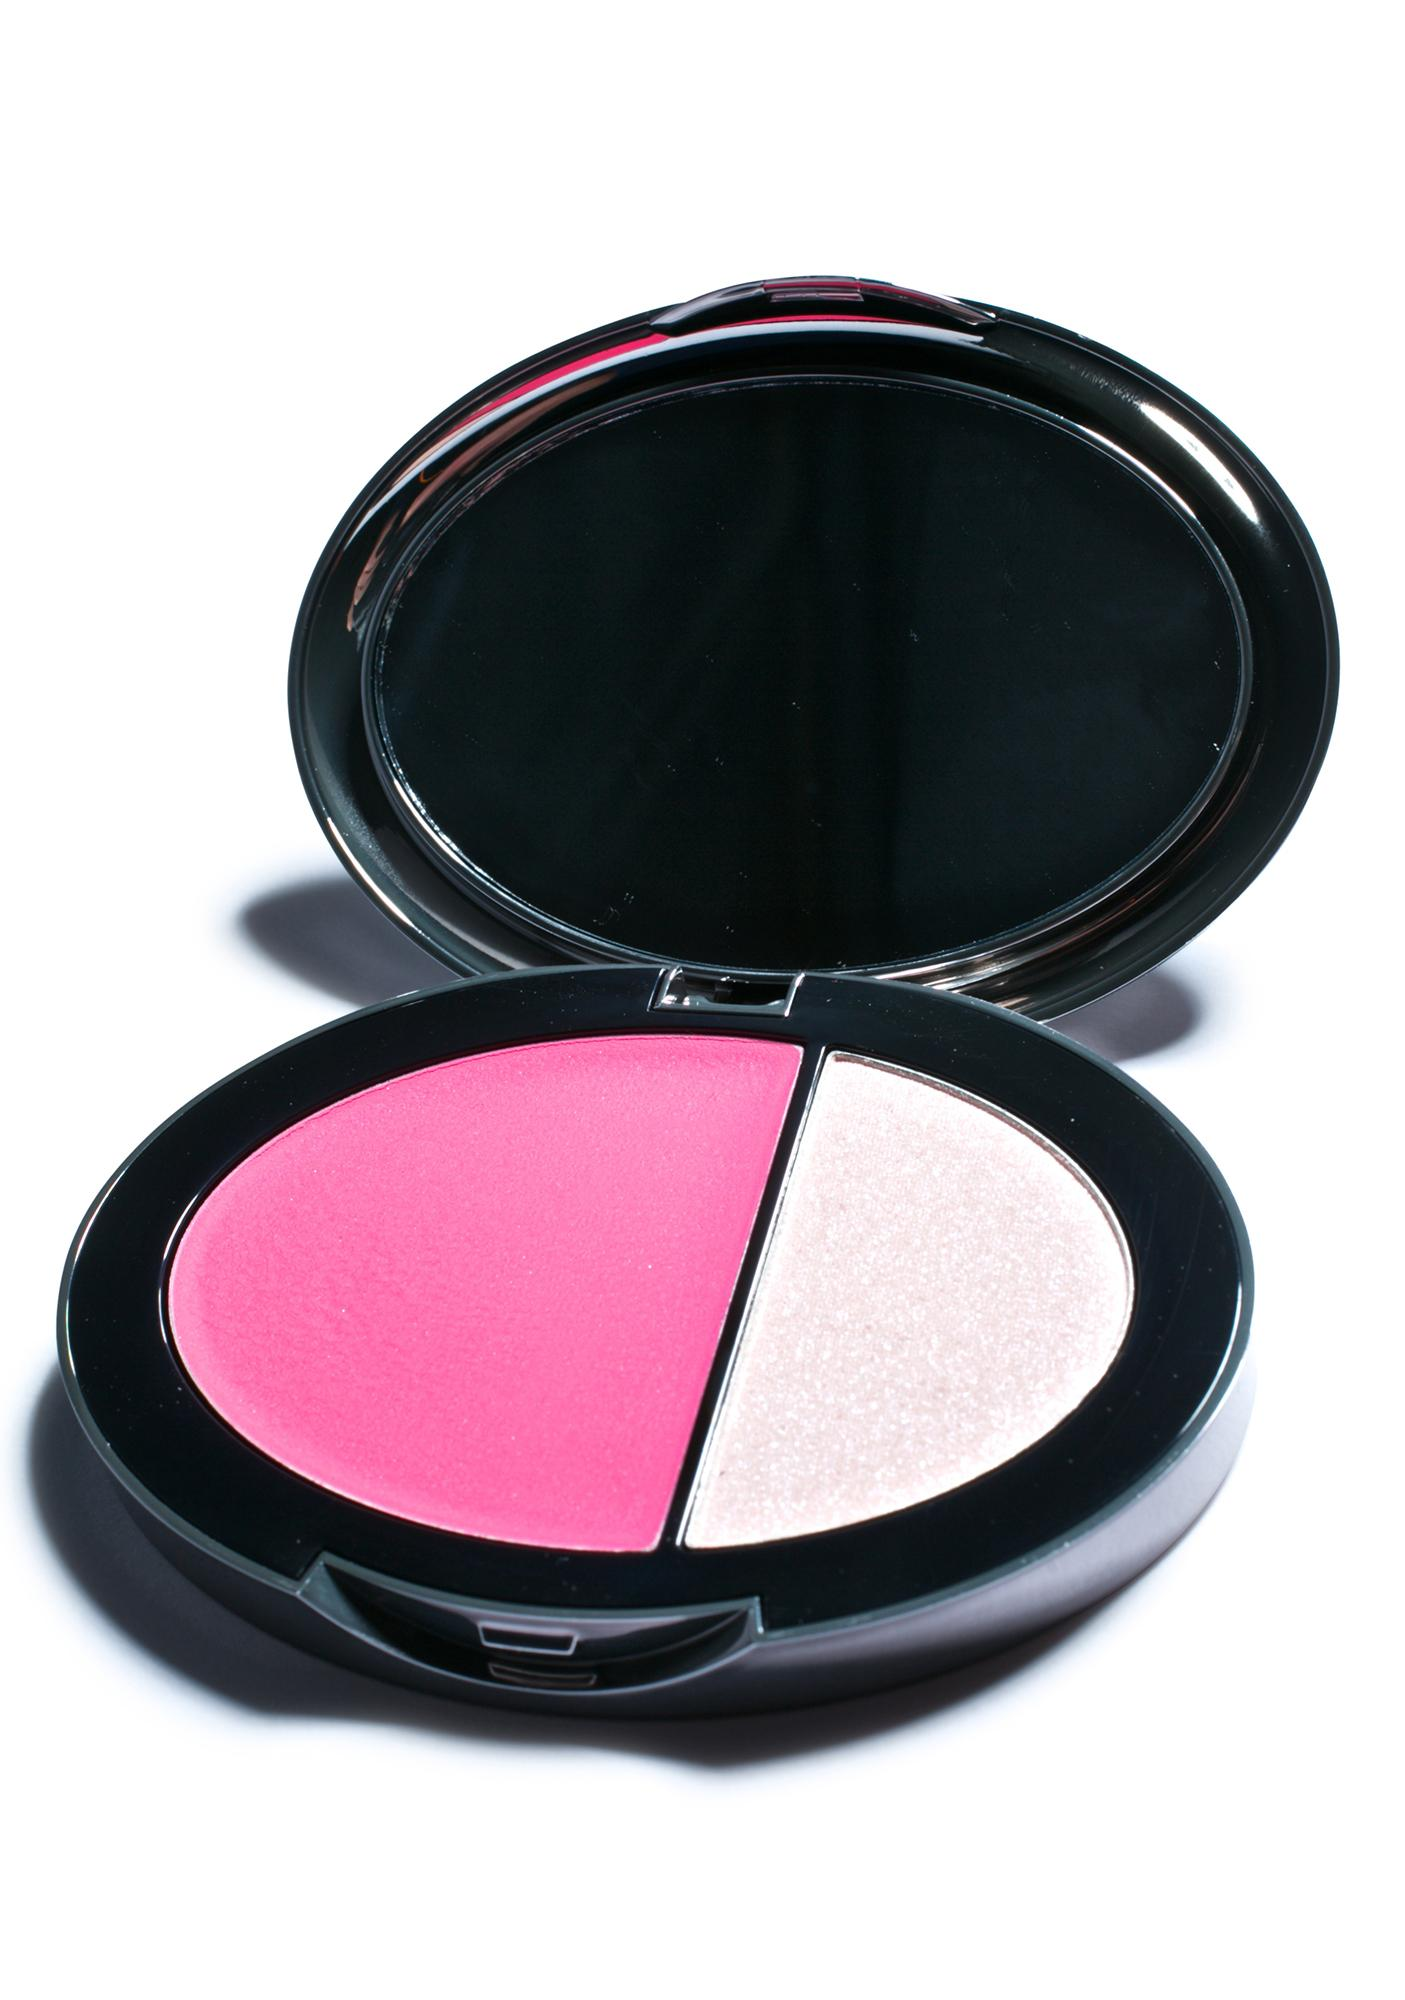 Tarina Tarantino Mr. Pink Dollskin Cream Blush Duo